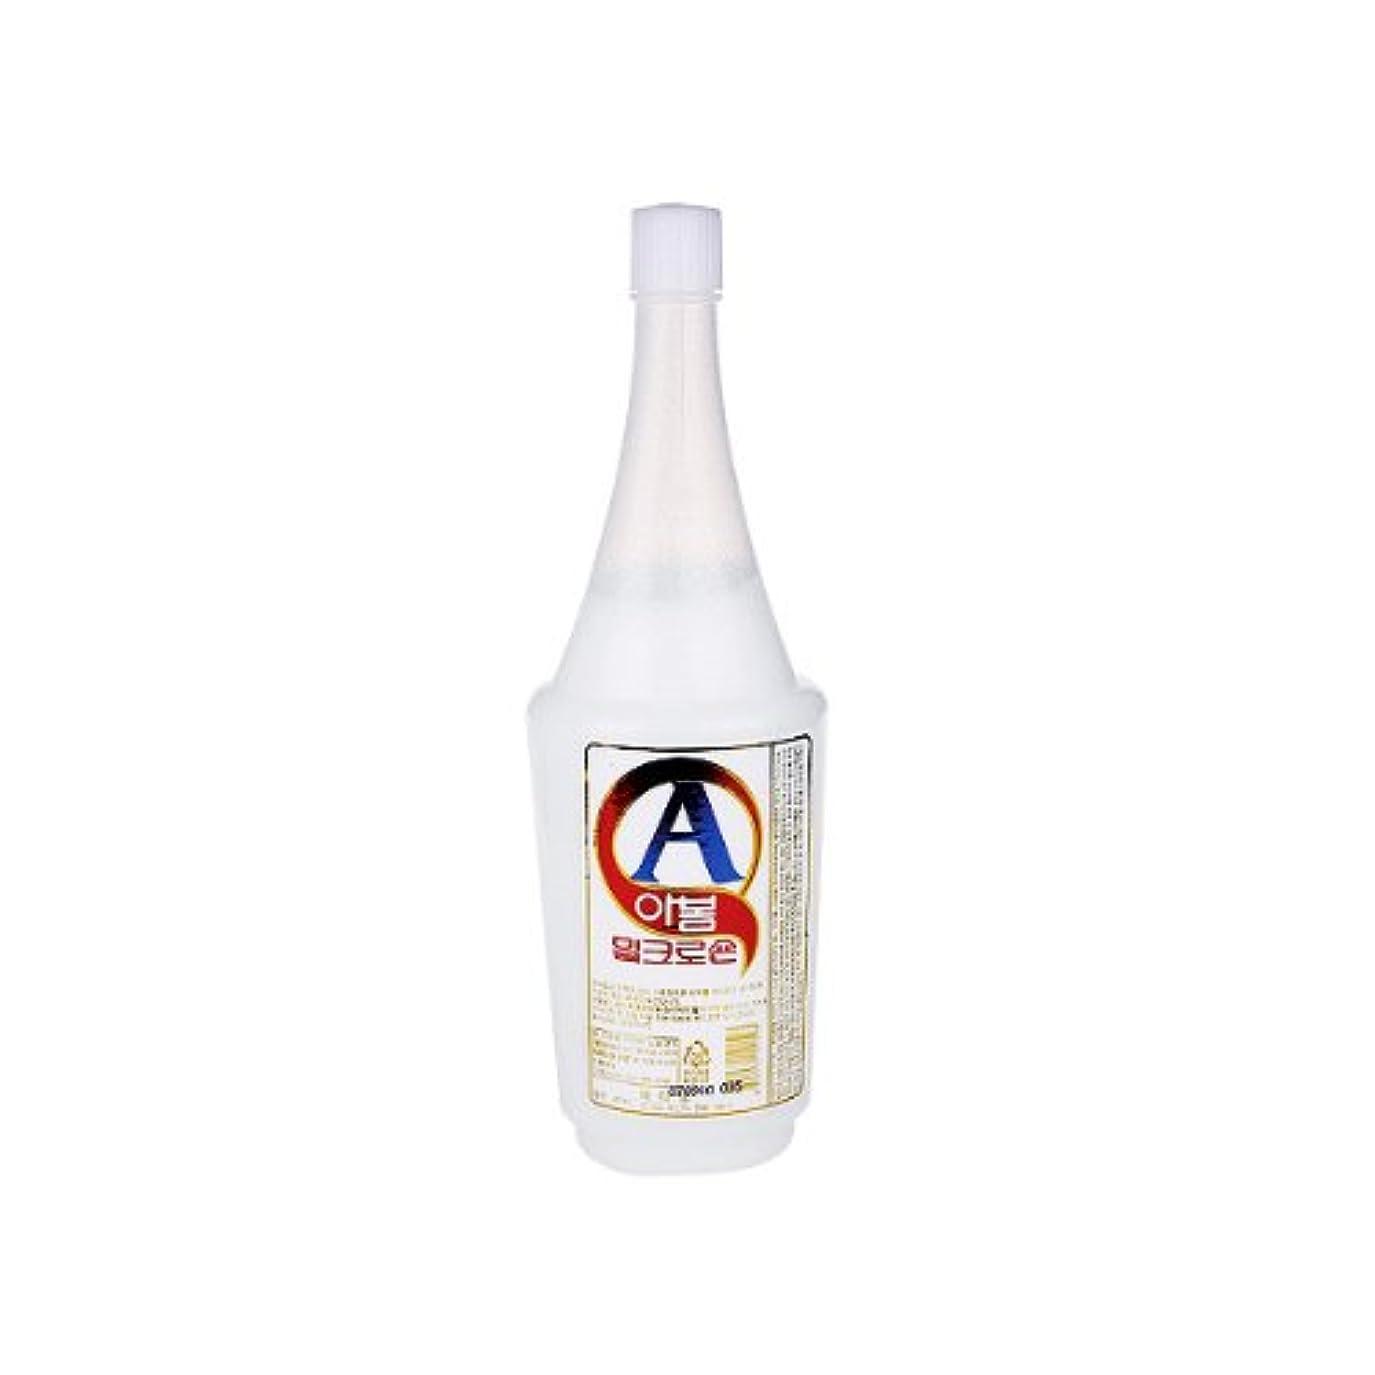 減らす約束する毛皮アボム ミルクローション 450ml マッサージ用 乳液 業務用